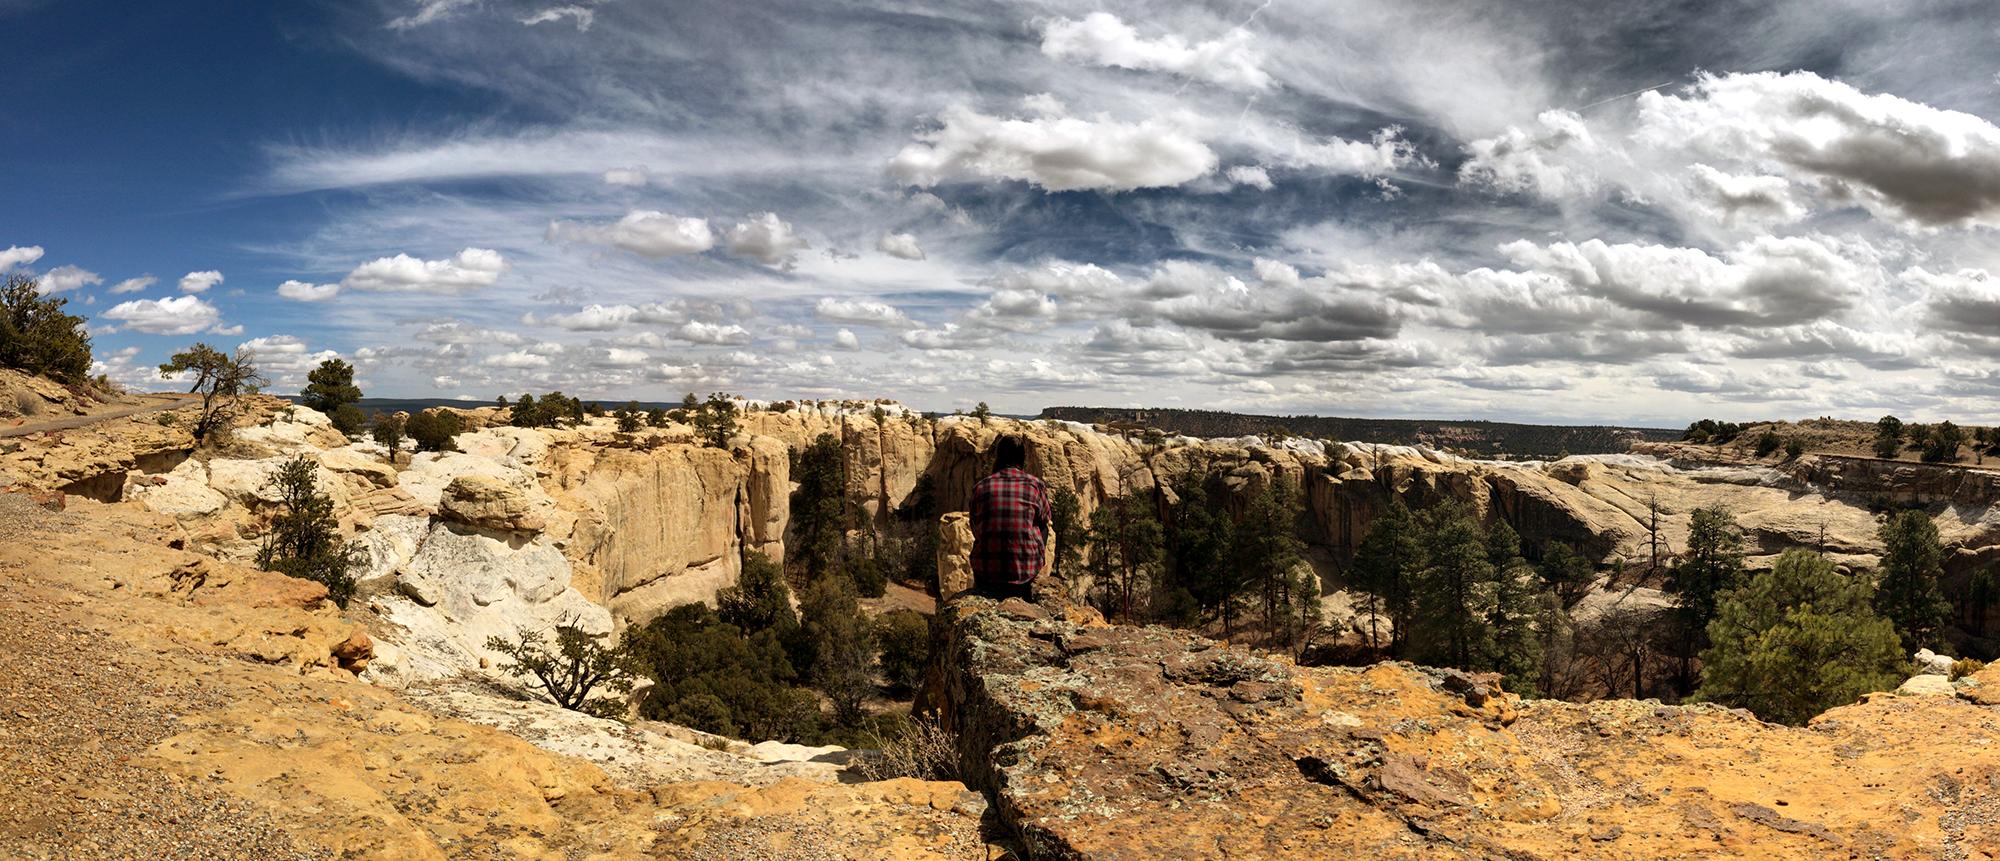 Generic Van Life - Albuquerque El Morro View